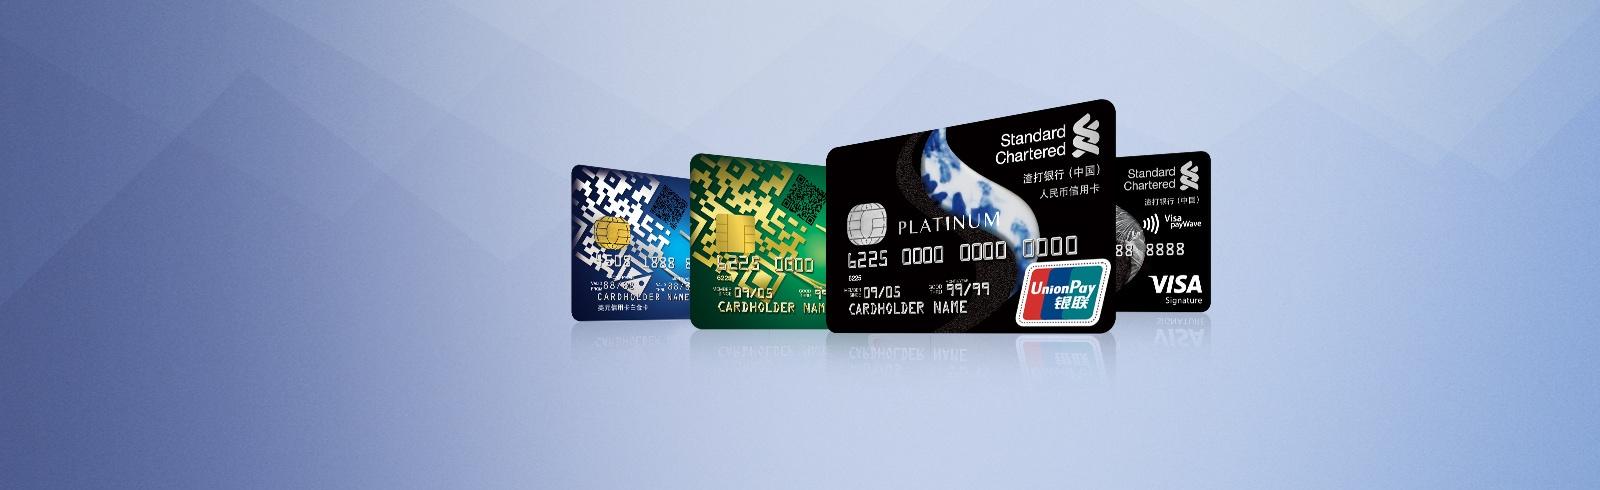 信用卡主图